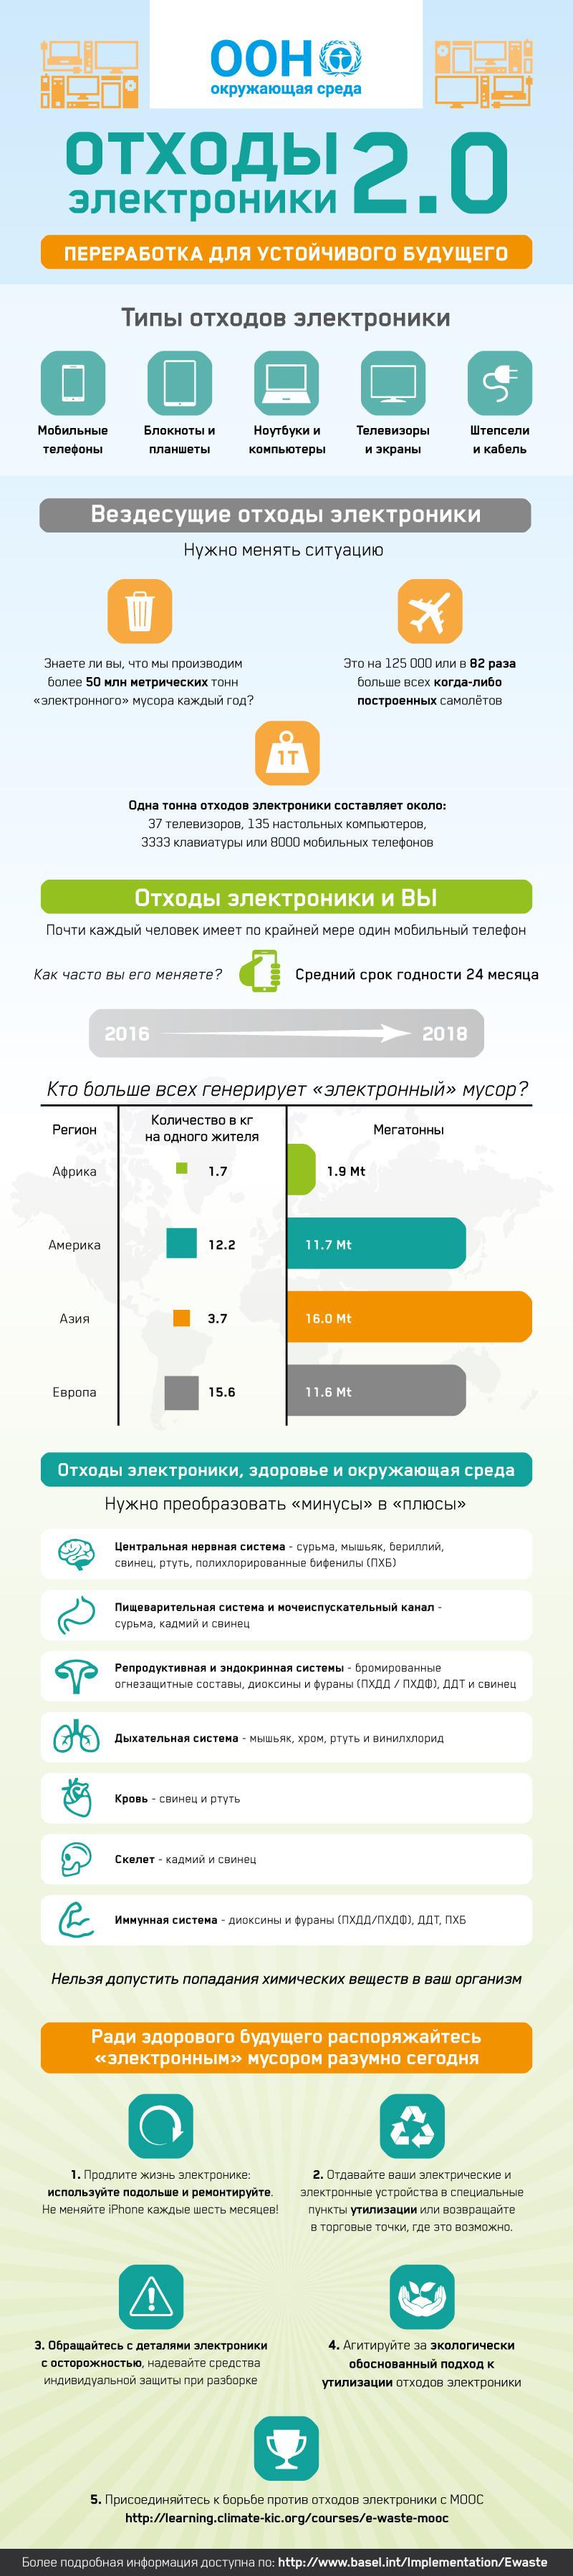 E-waste_infog_ru.jpg